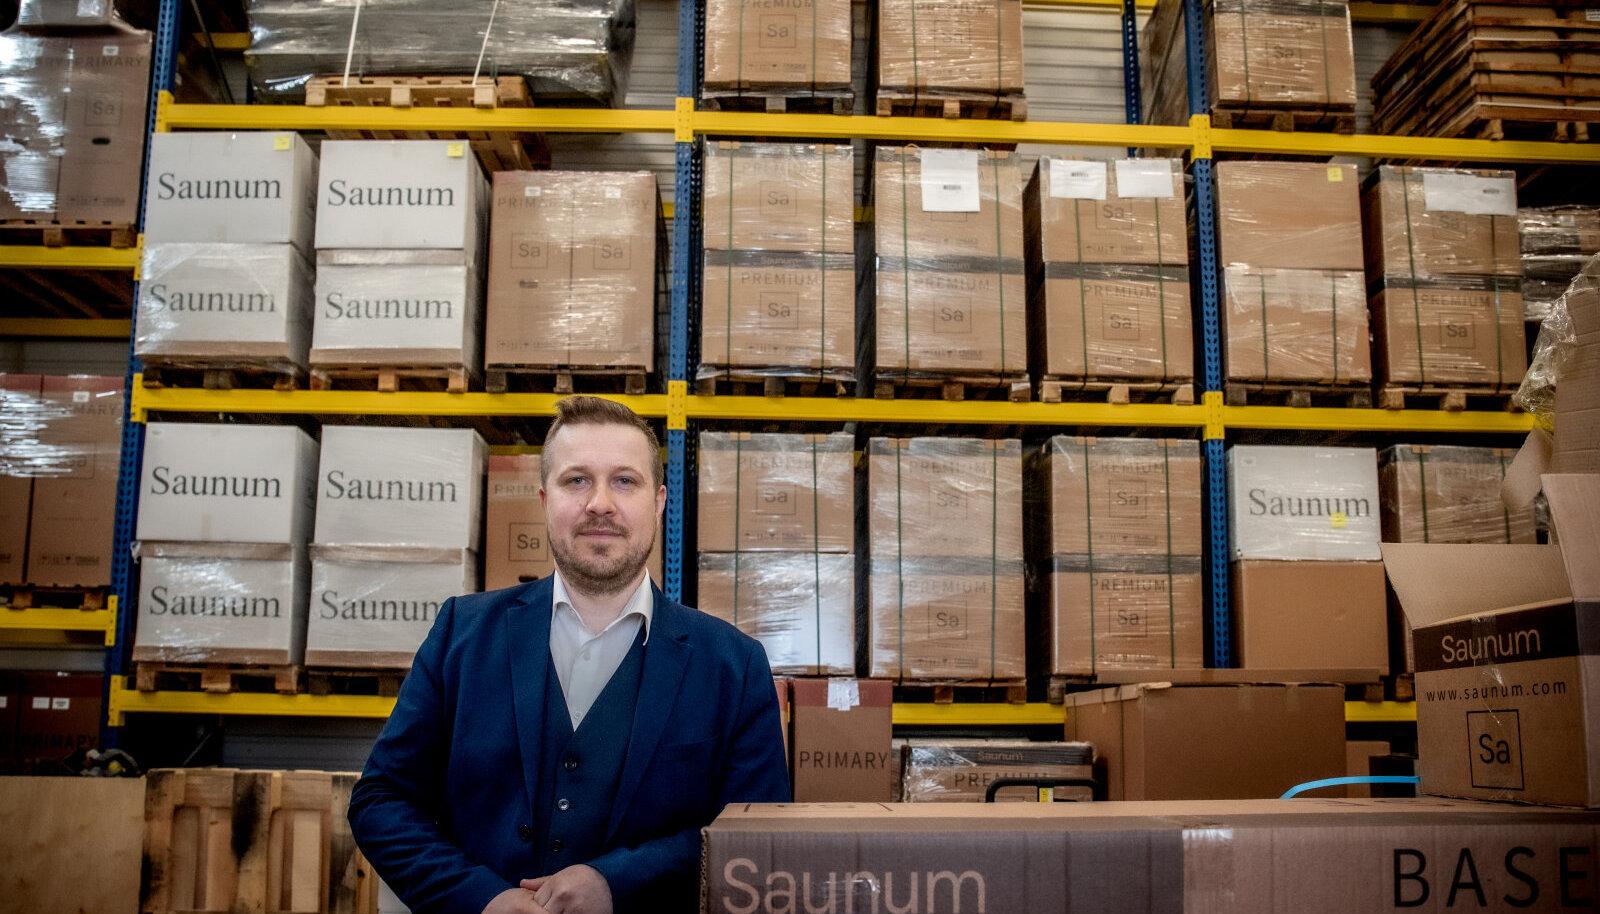 Eesti käive hakkab vaikselt kasvule pöörama, nentis Saunumi juht Henri Lindal (pildil)